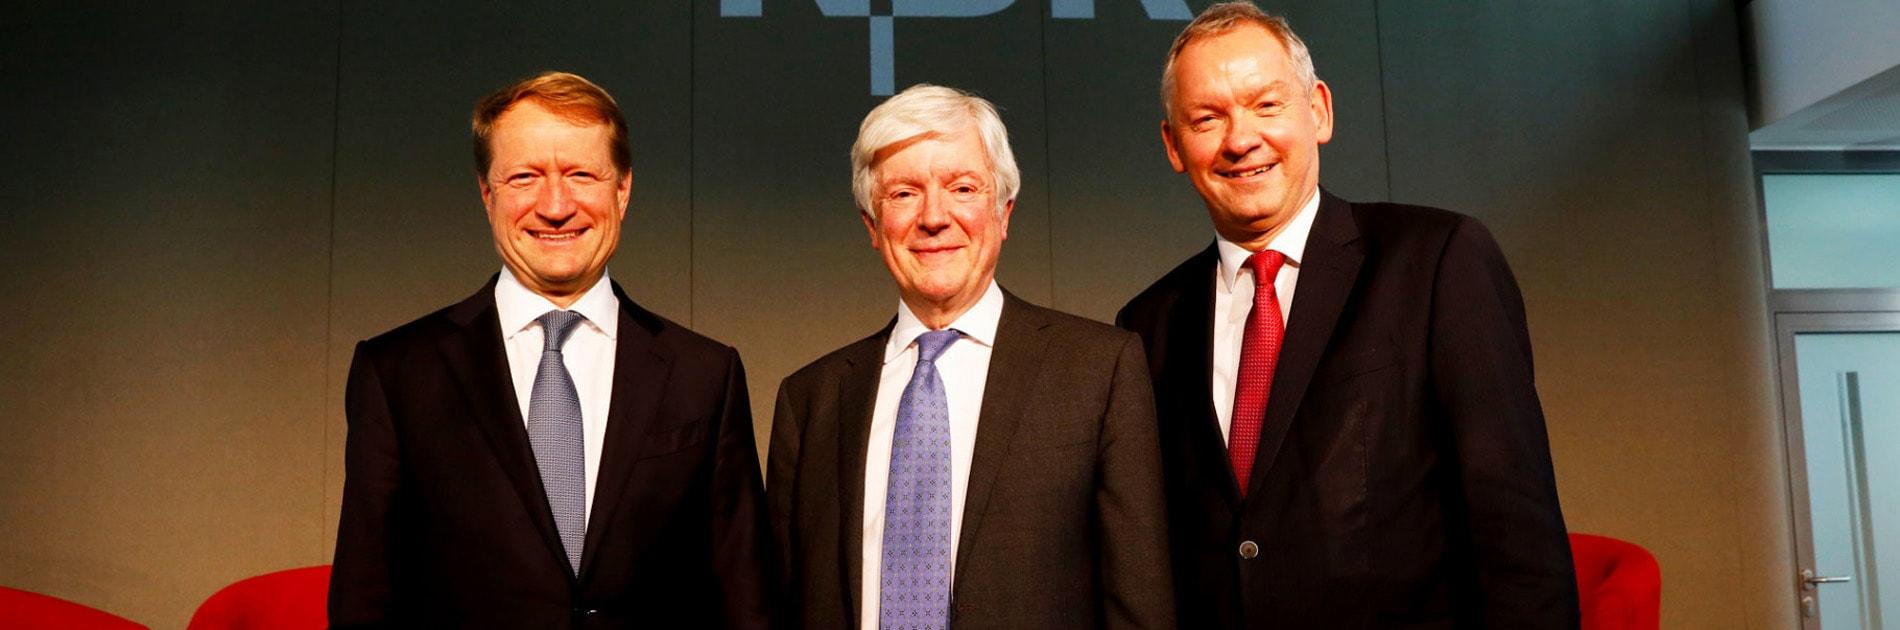 Ulrich Wilhelm, Tony Hall und Lutz Marmor   Bildquelle: NDR/Morris Mac Matzen